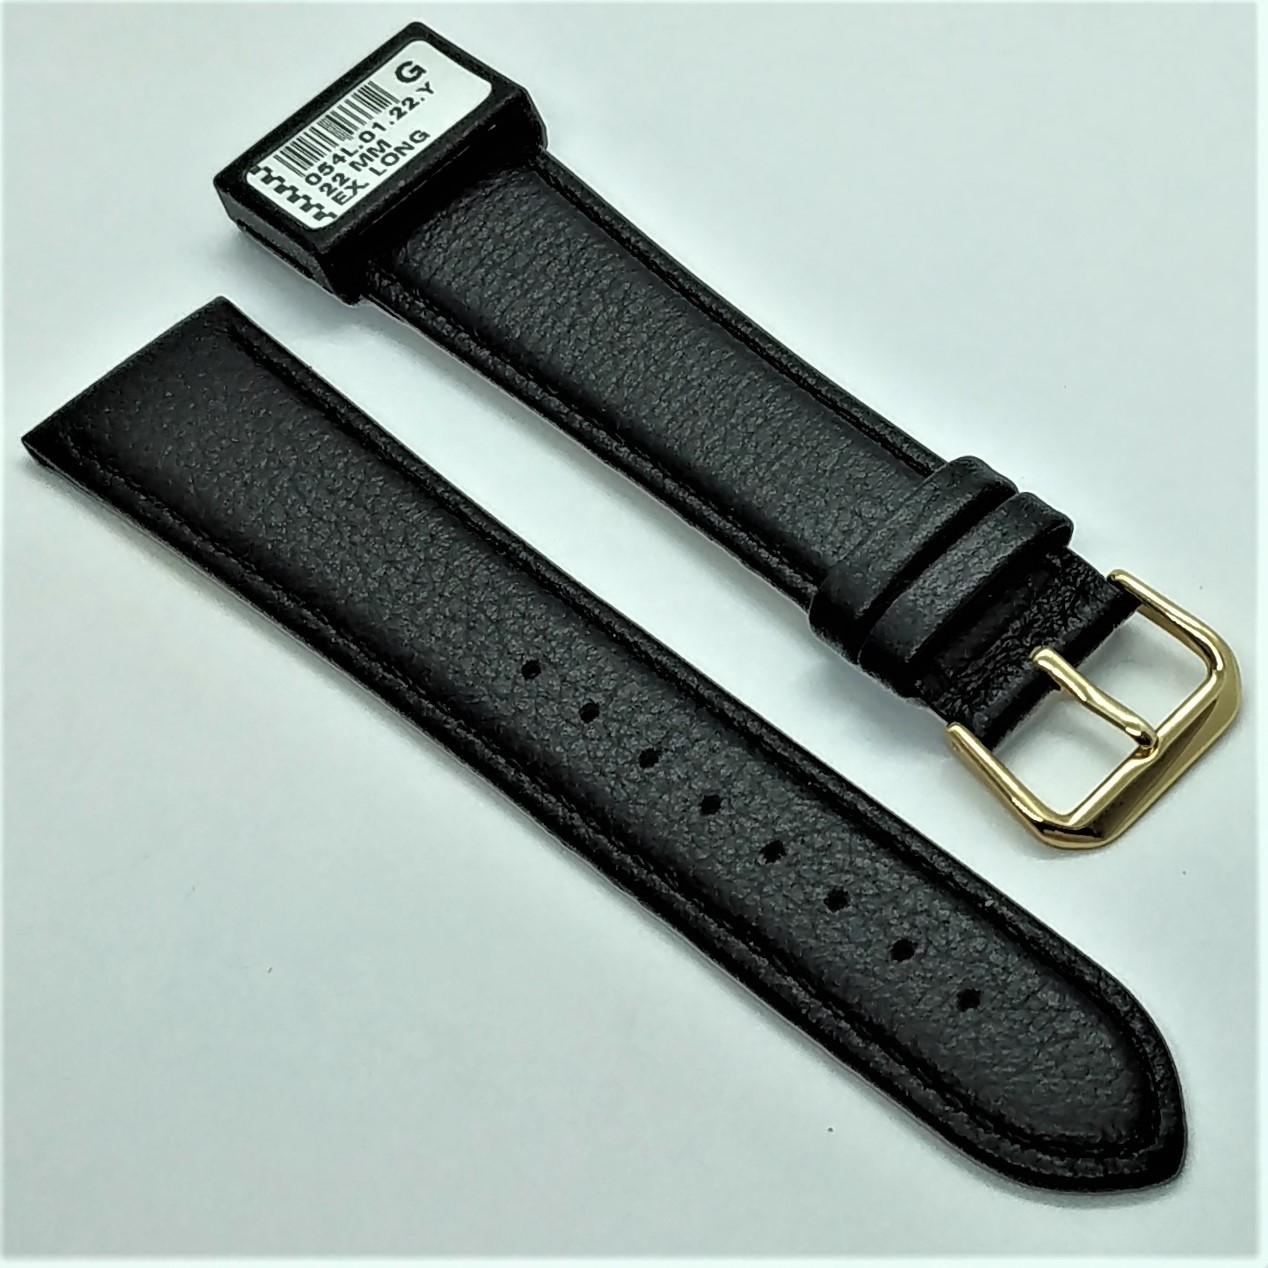 22 мм Кожаный Ремешок для часов CONDOR 054L.22.01 Черный Ремешок на часы из Натуральной кожи удлиненный